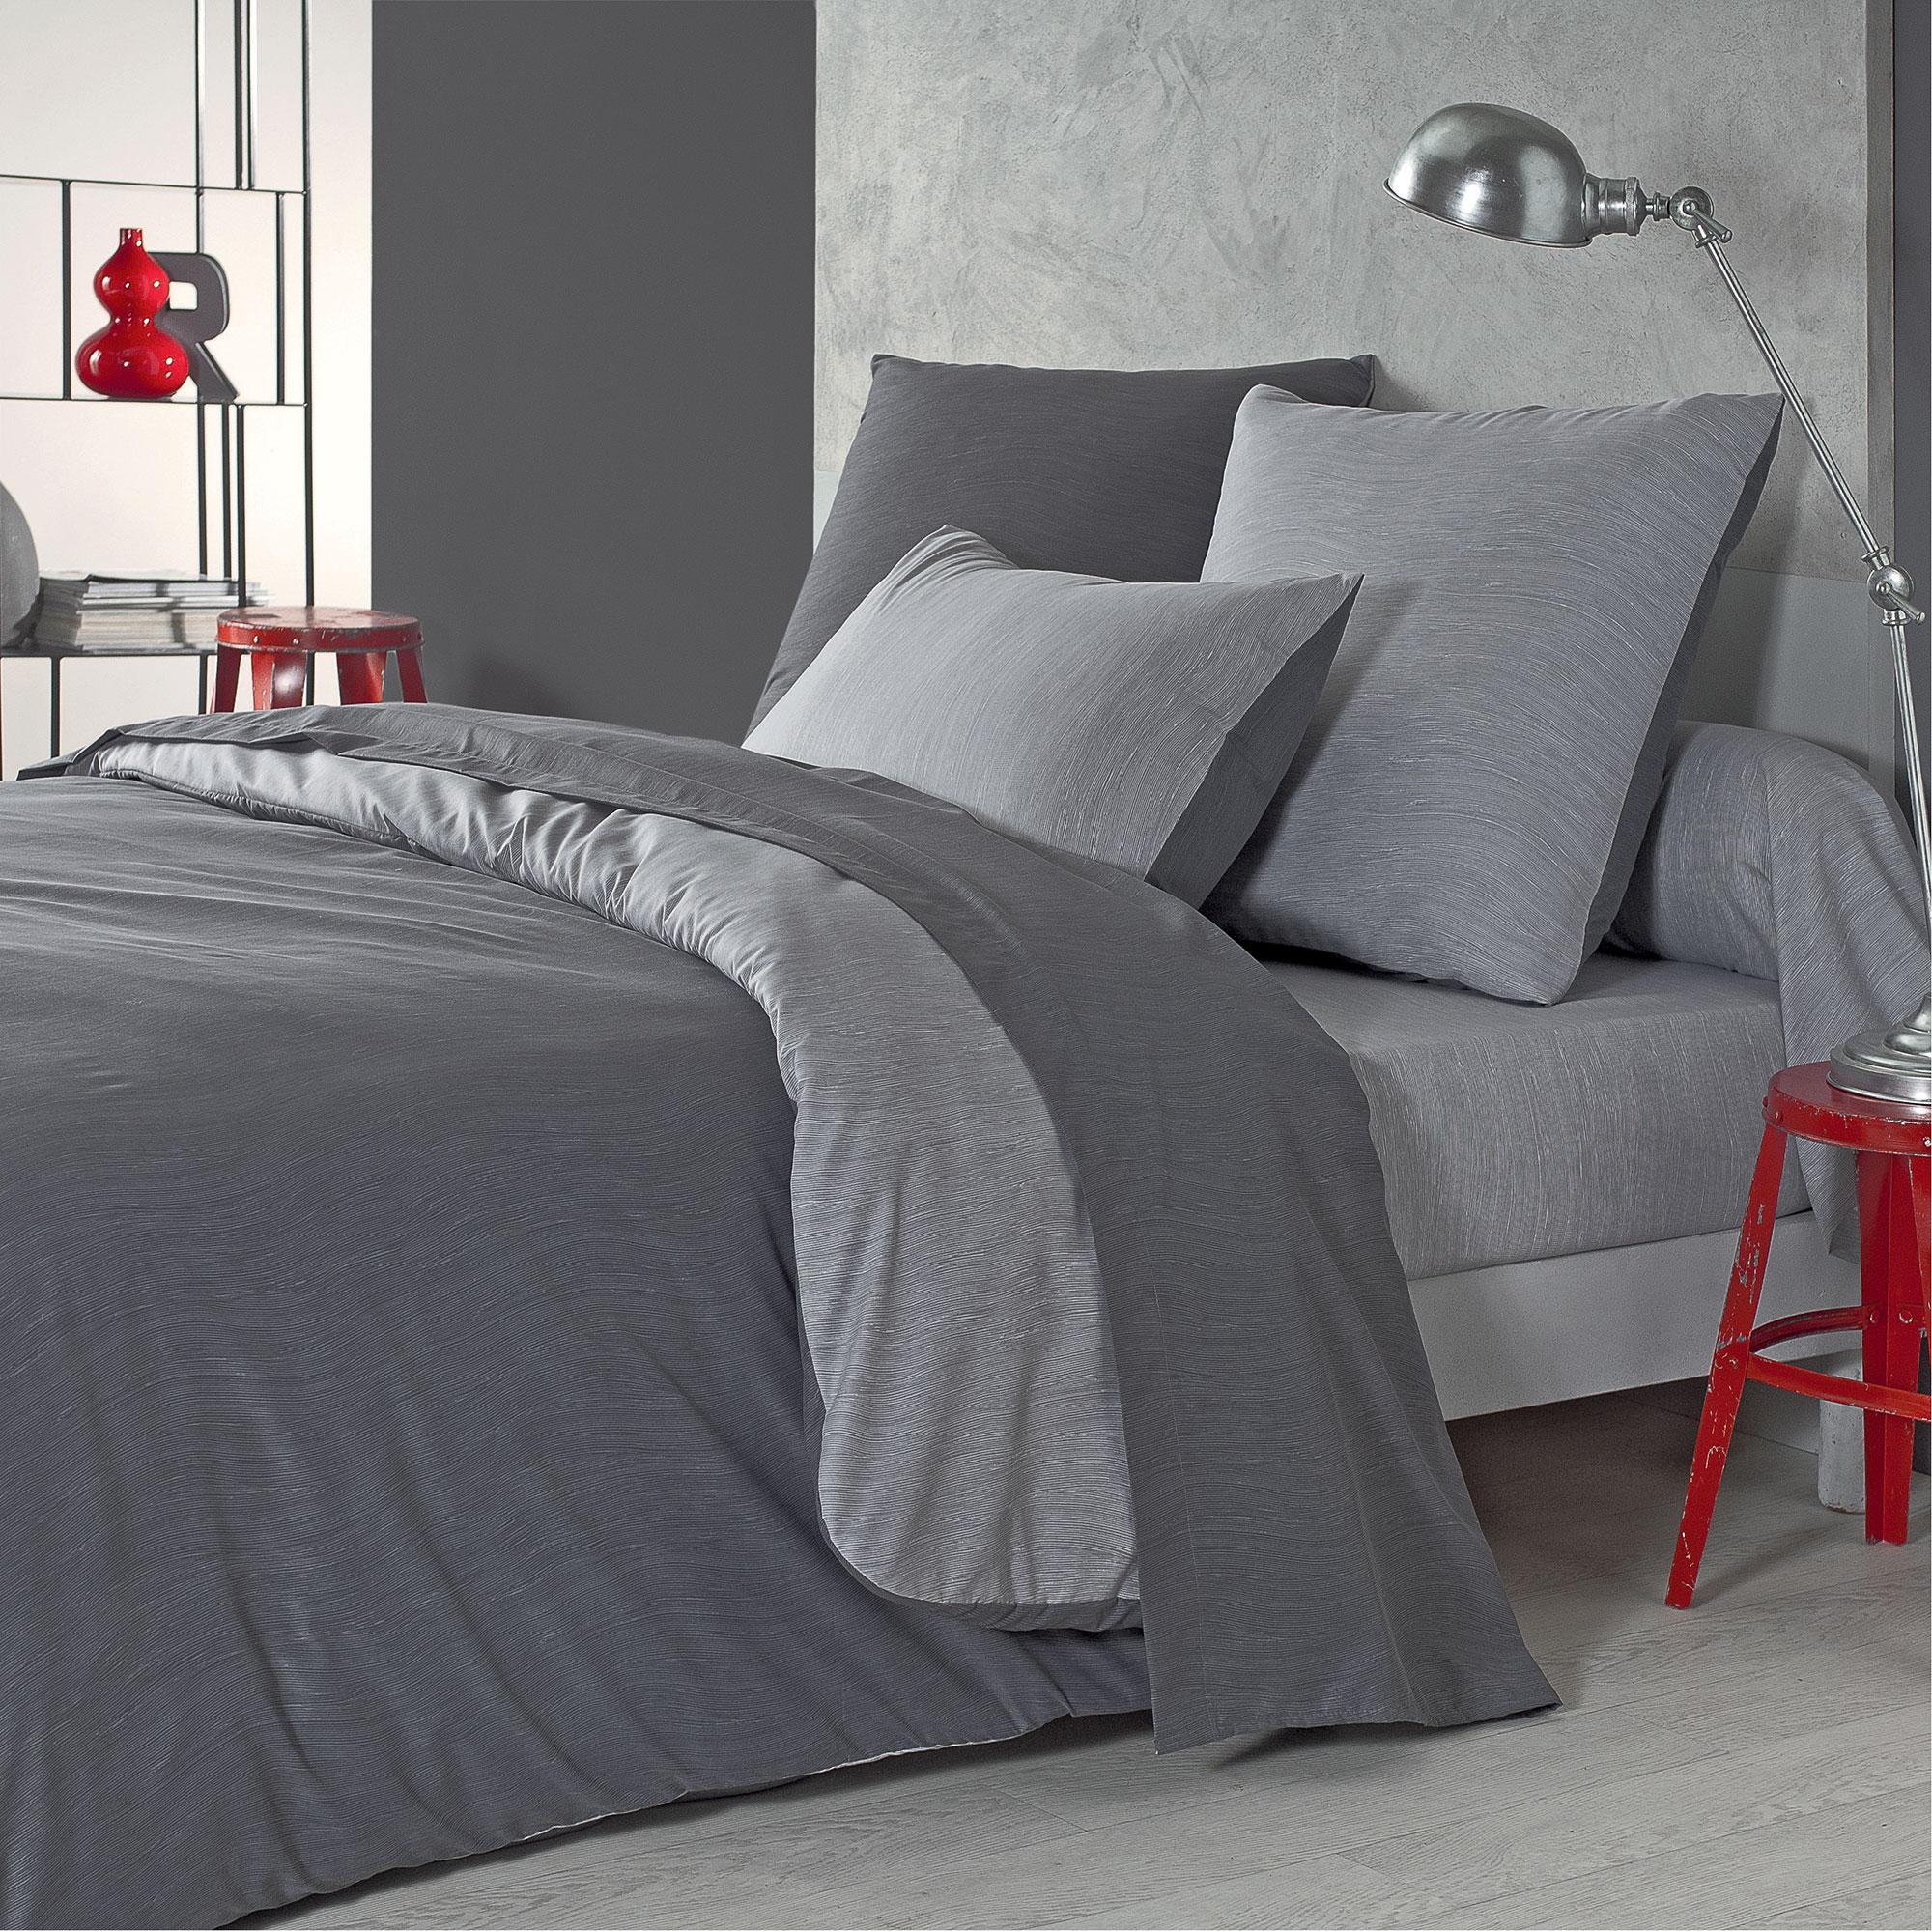 Parure de lit bicolore en polyester gris 140x200